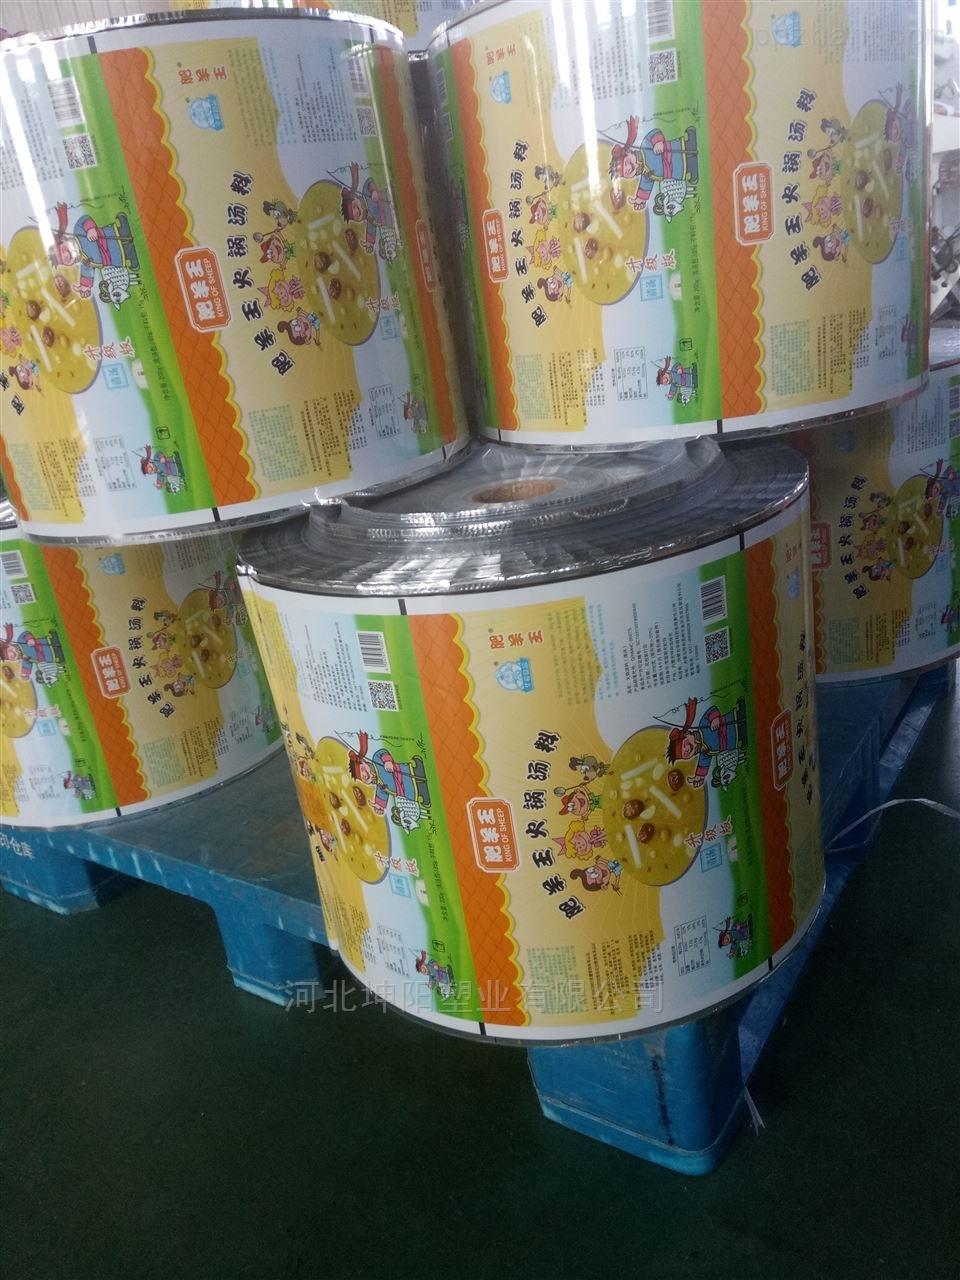 火锅酱料汤料三层铝箔卷膜休闲食品包装设计